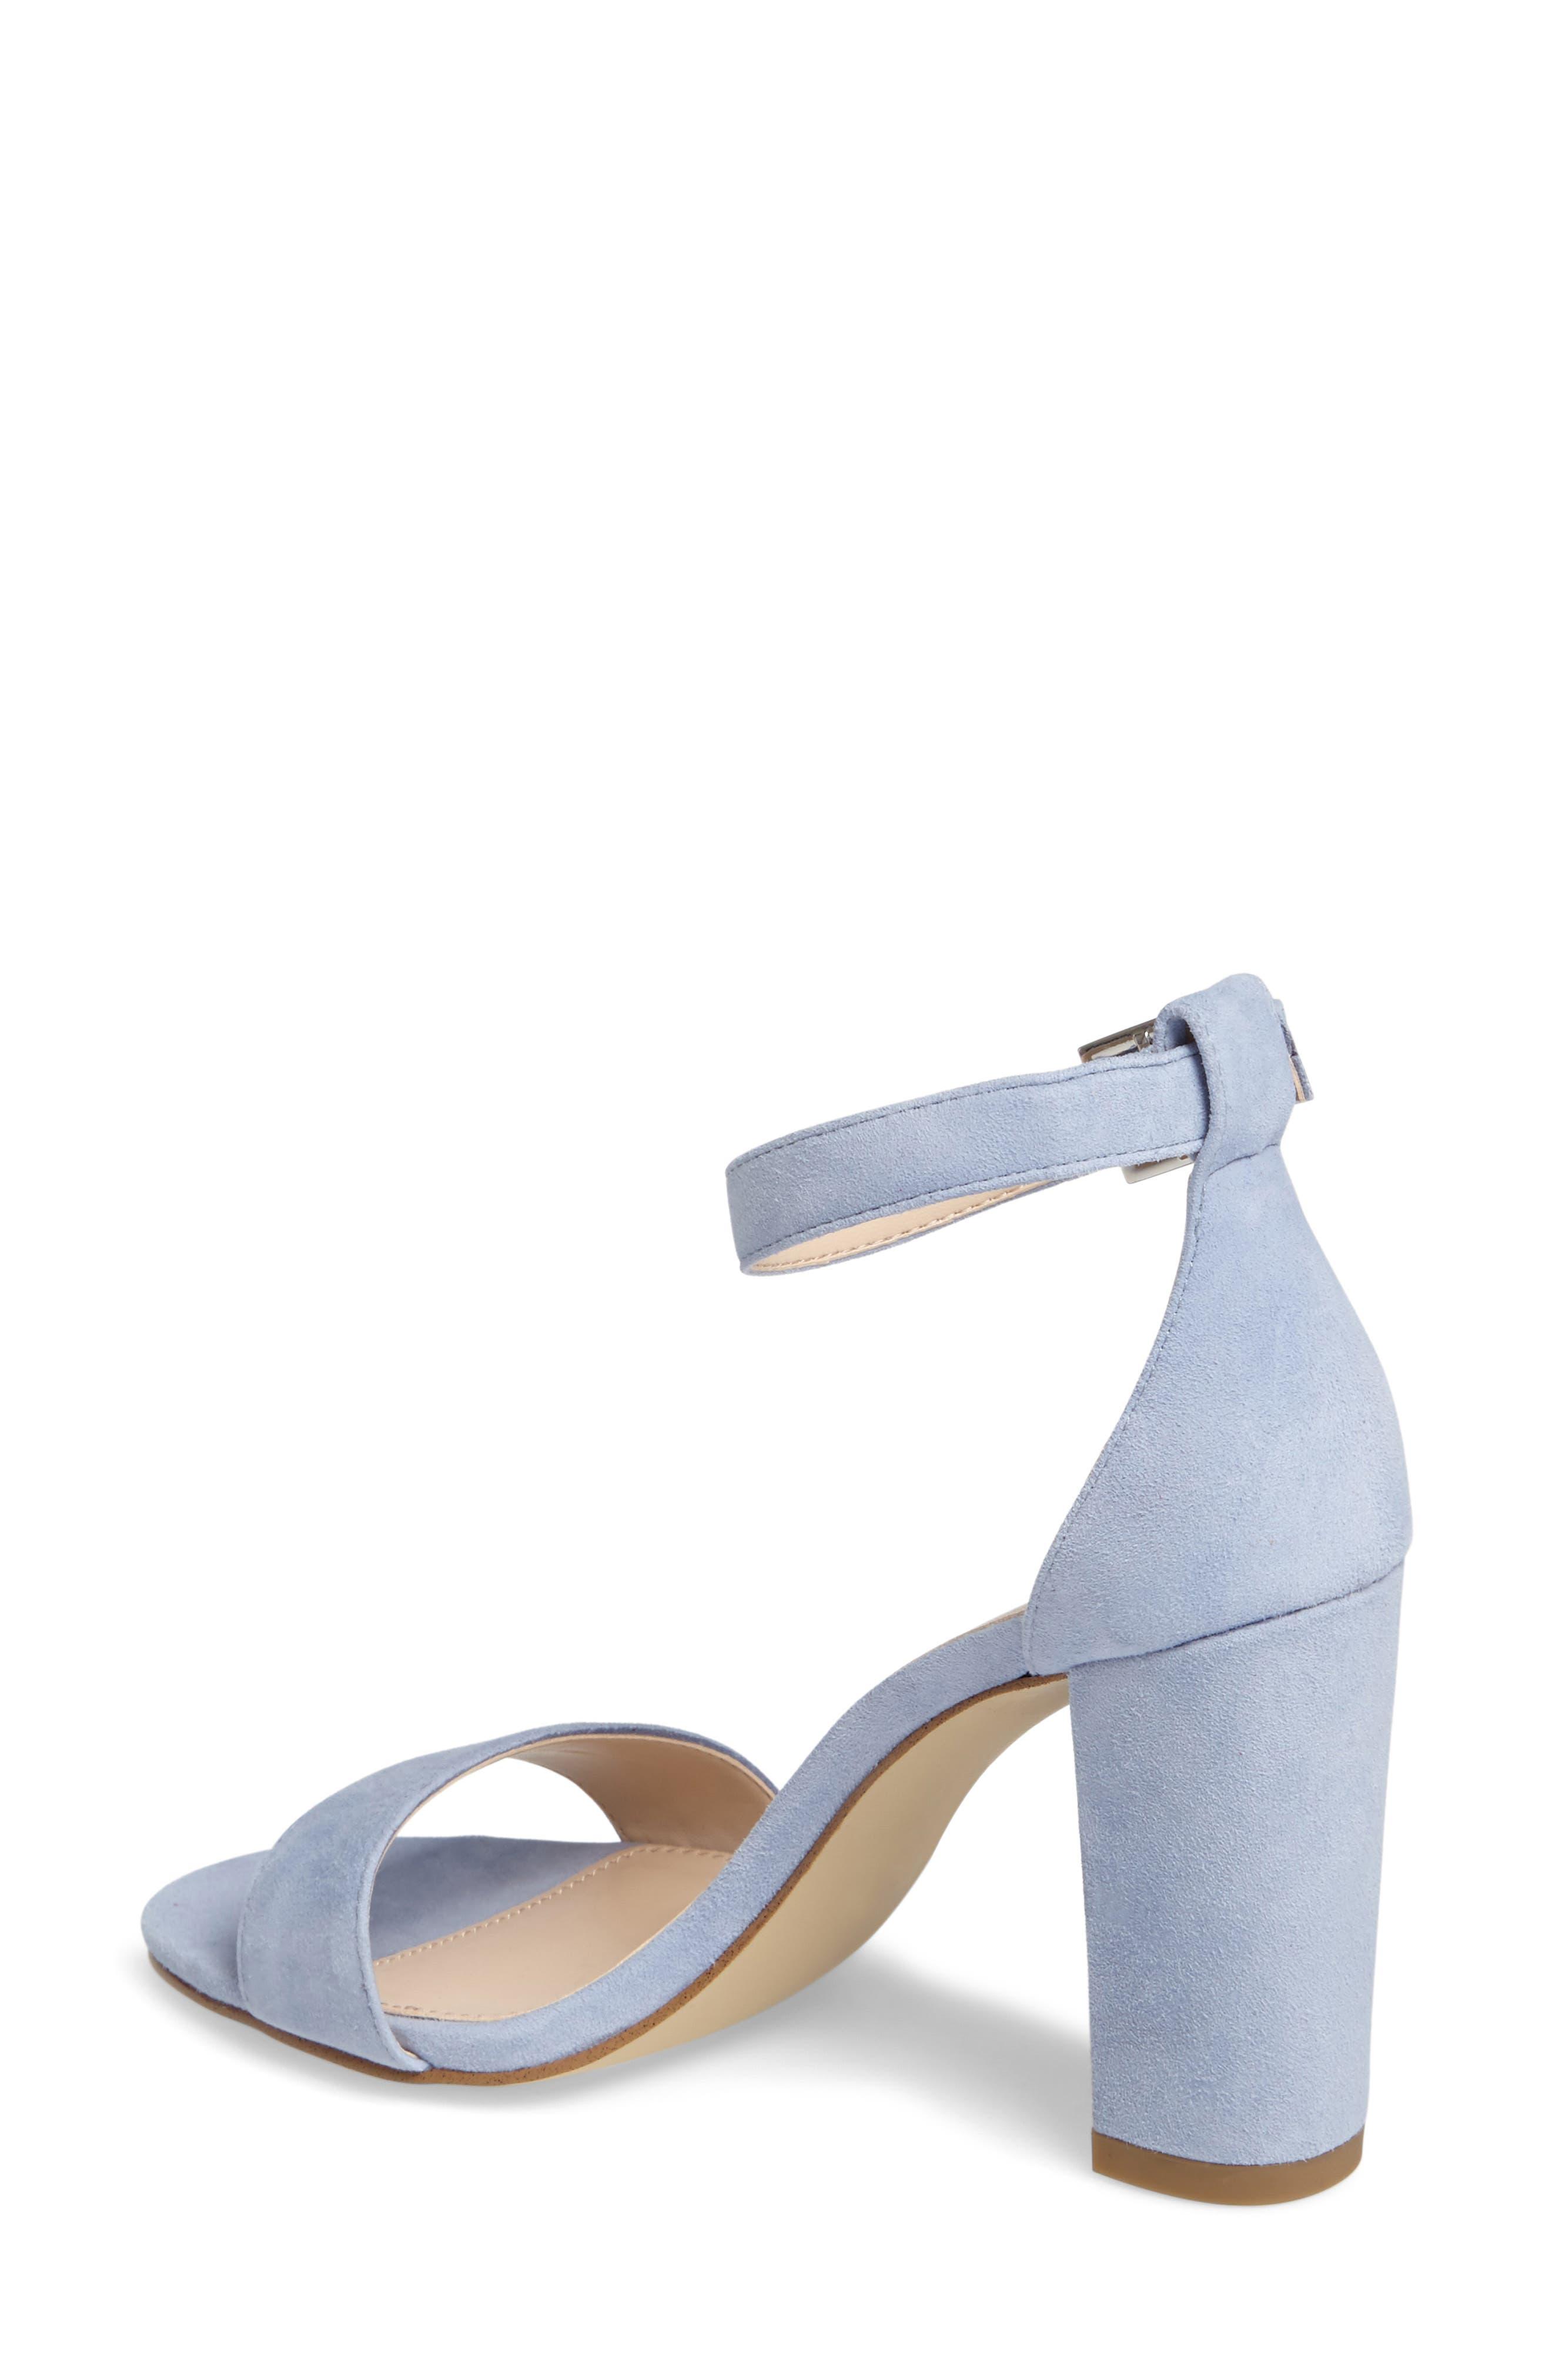 'Bonnie' Ankle Strap Sandal,                             Alternate thumbnail 2, color,                             Powder Blue Leather